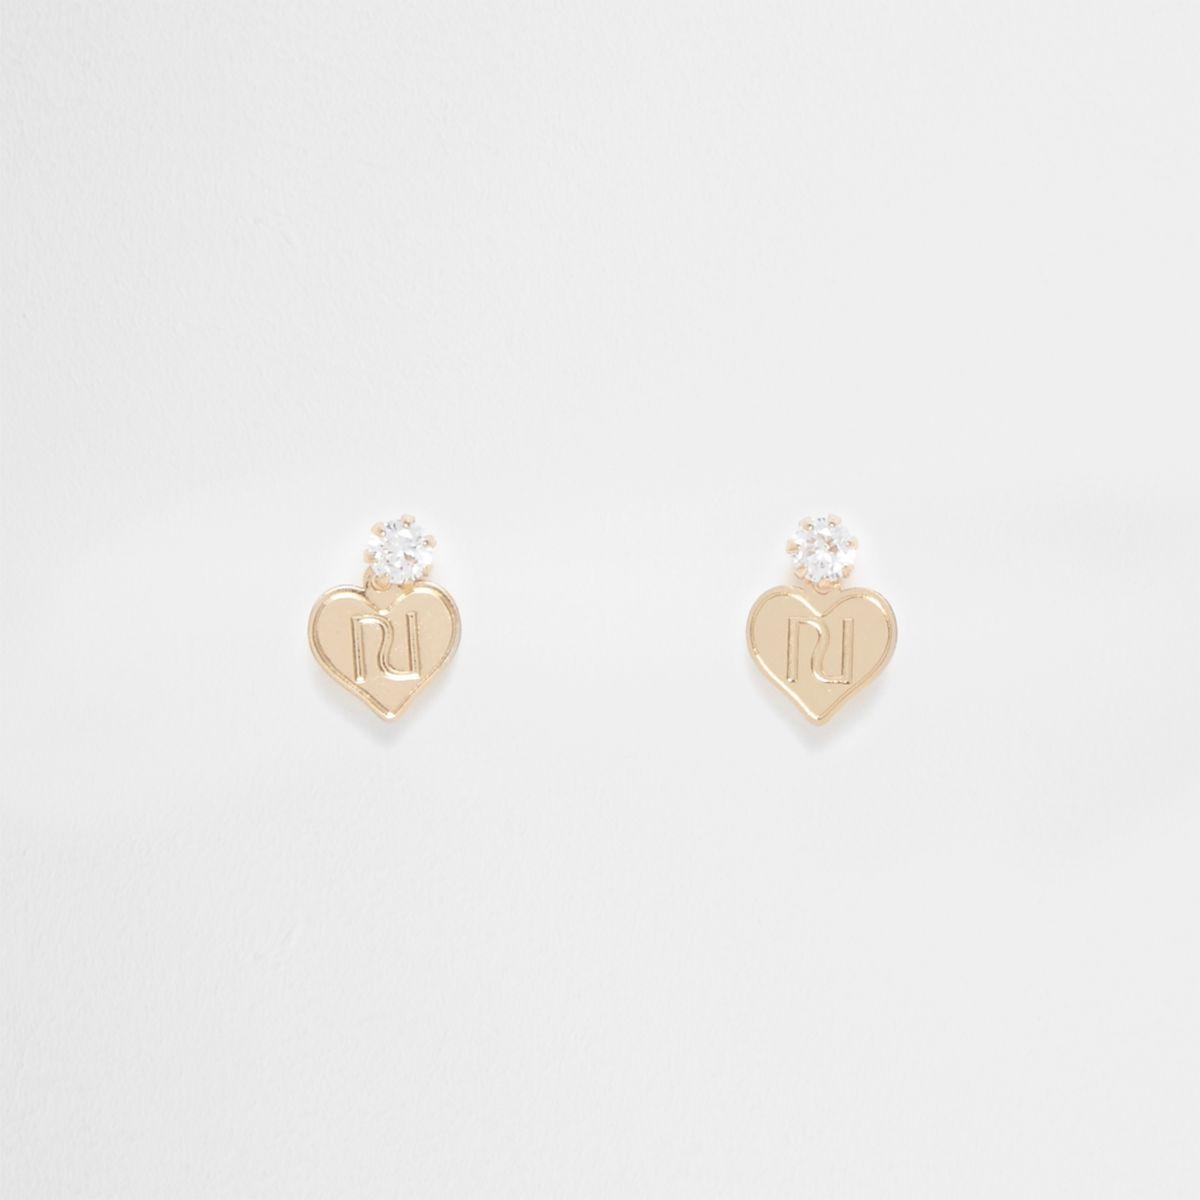 Gold tone mini rhinestone heart stud earrings